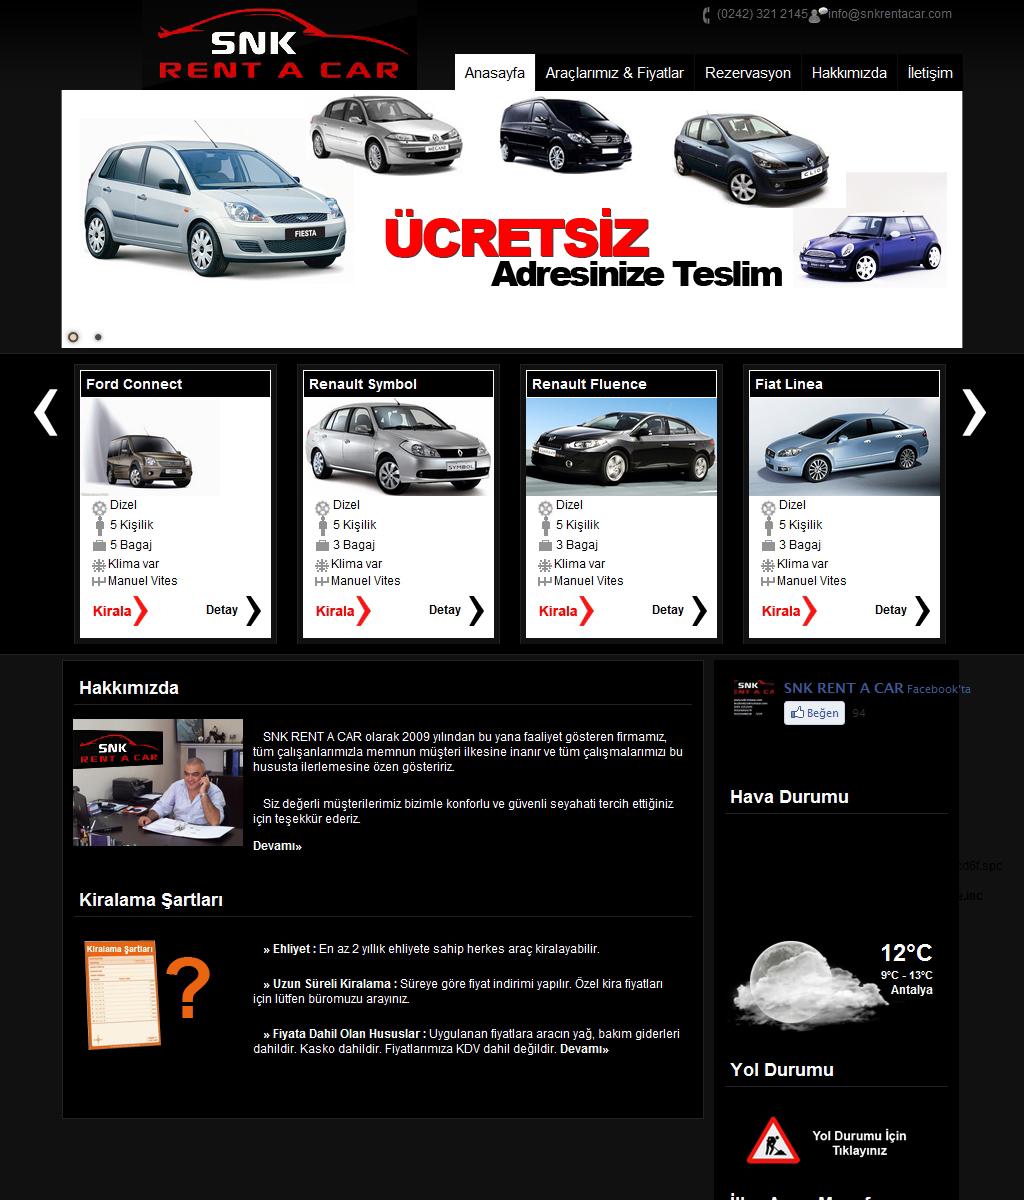 Snk Rent A Car Antalya Web Tasarım